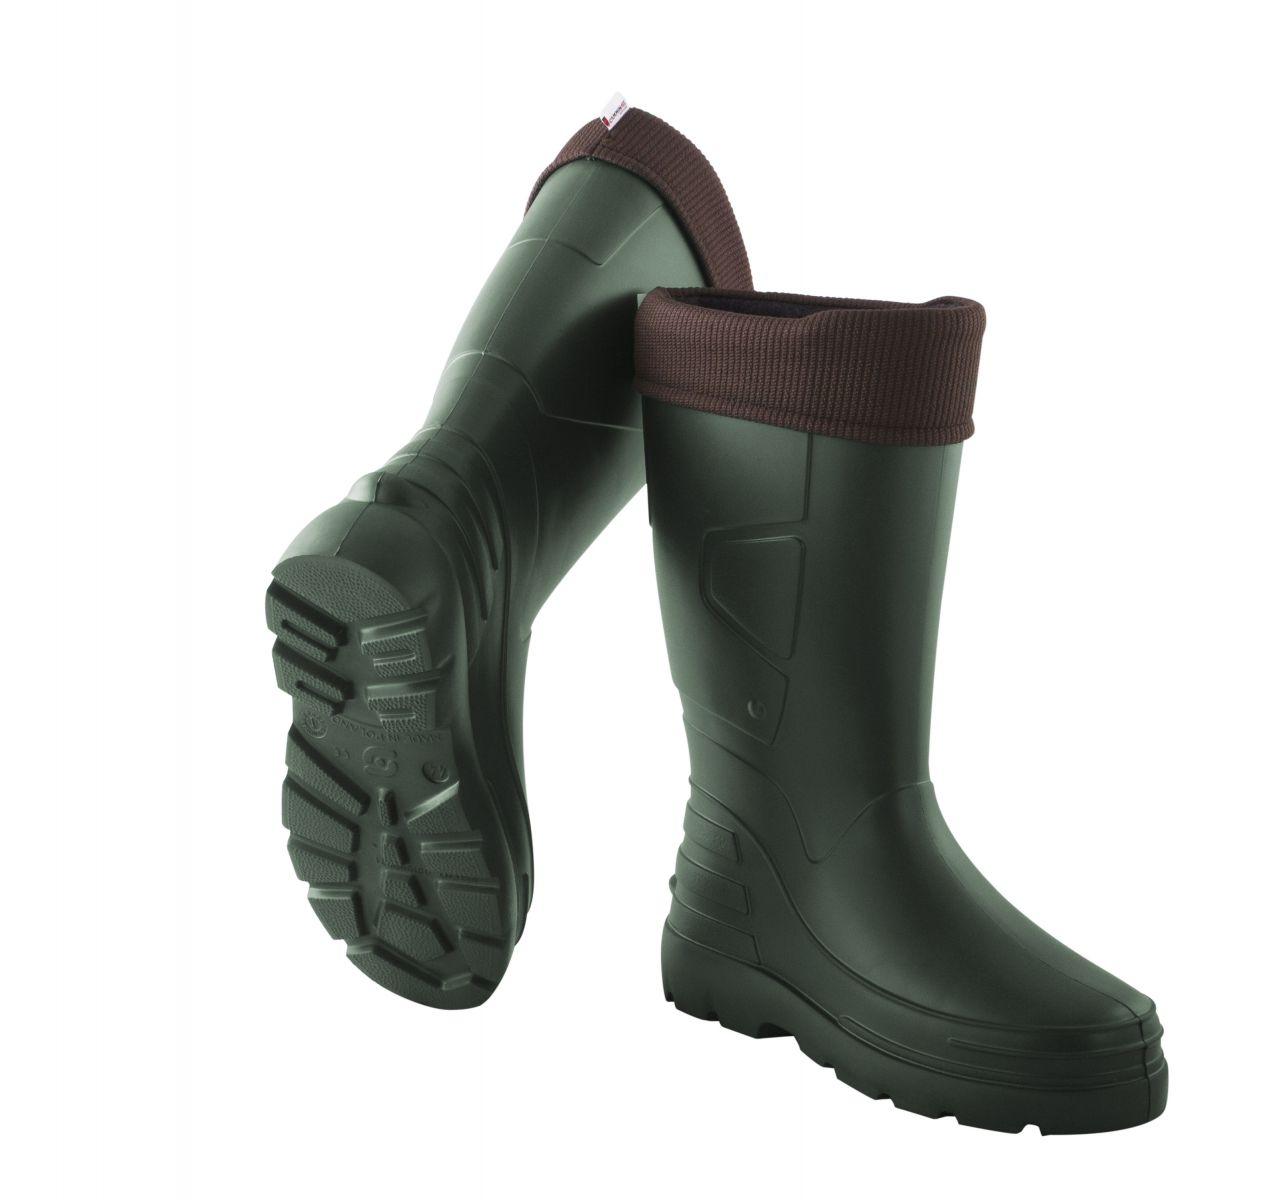 /produkty/62/obuv/Camminare/Cizmy-Angler